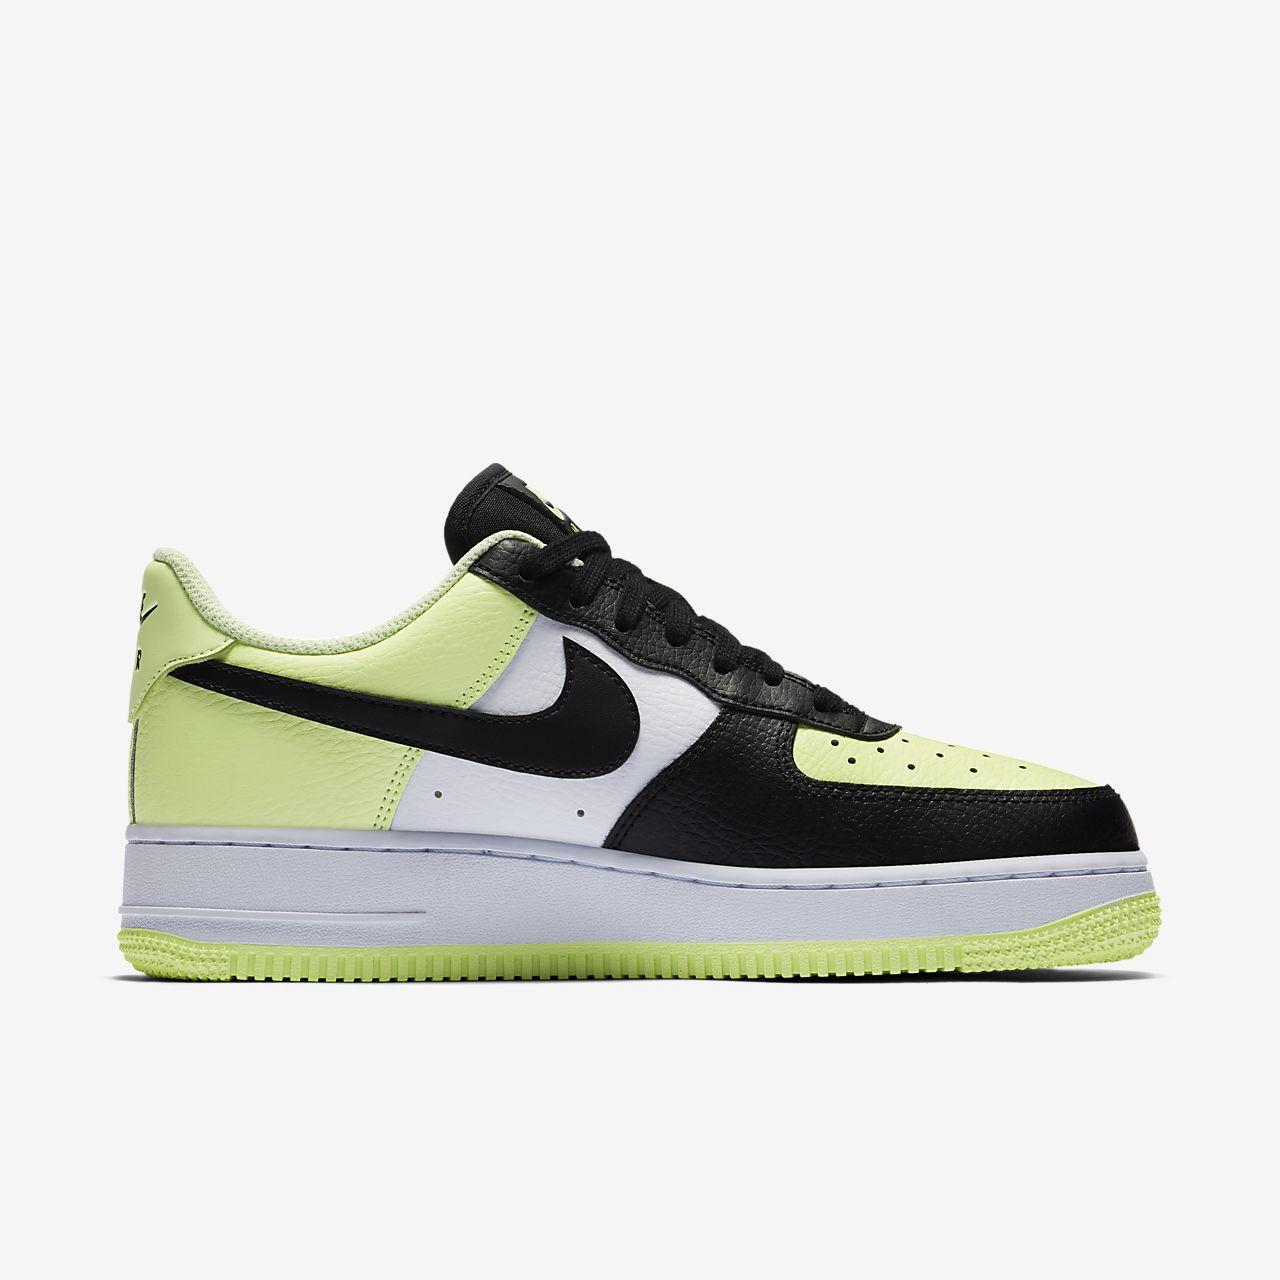 Nike Air Force 1 '07 sko til kvinder